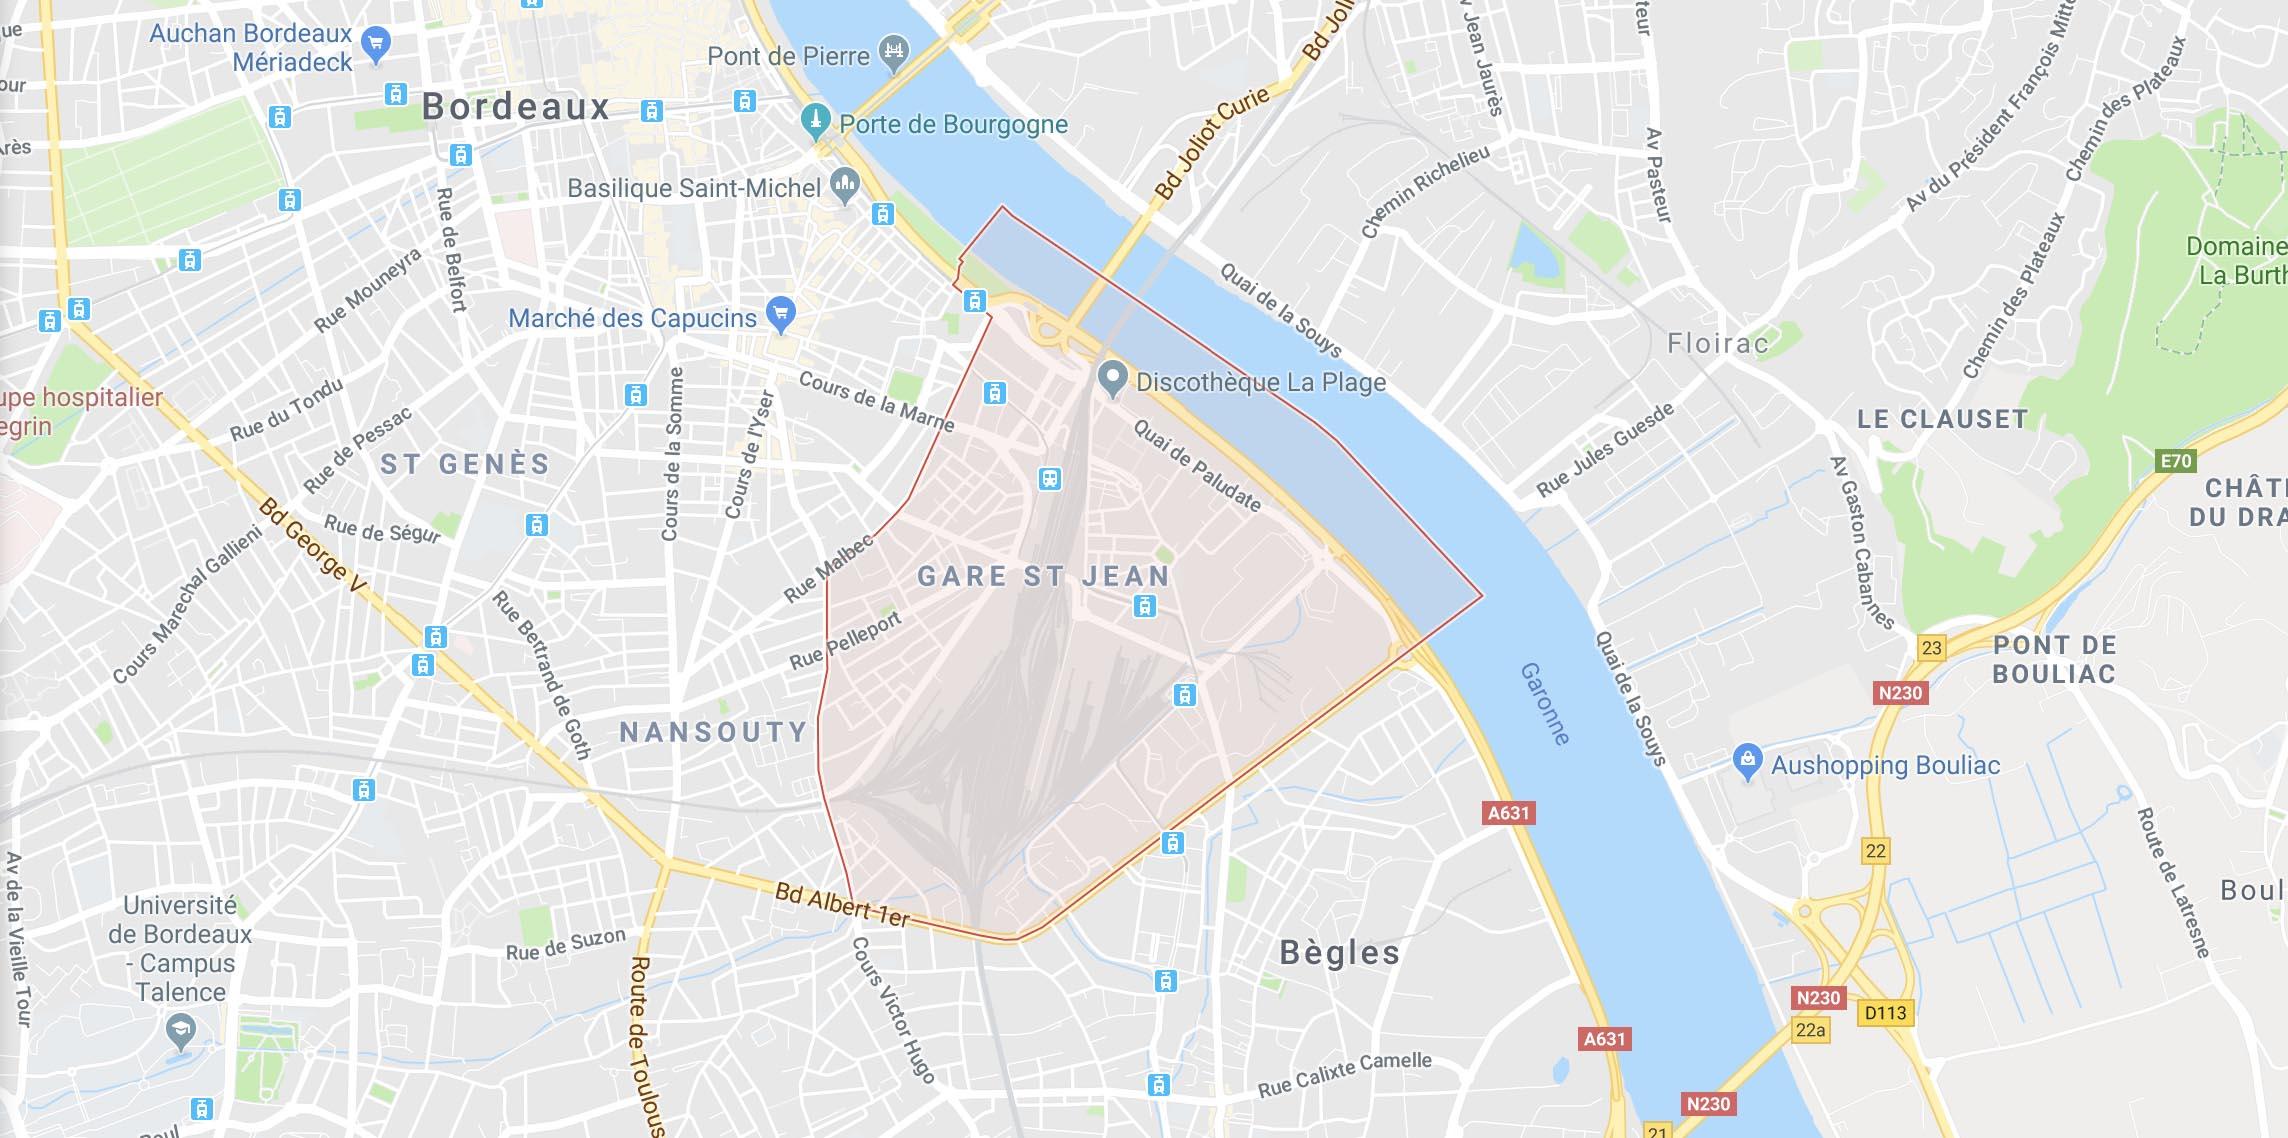 La vie de quartier - Bordeaux Saint Jean, gare, Euratlantique